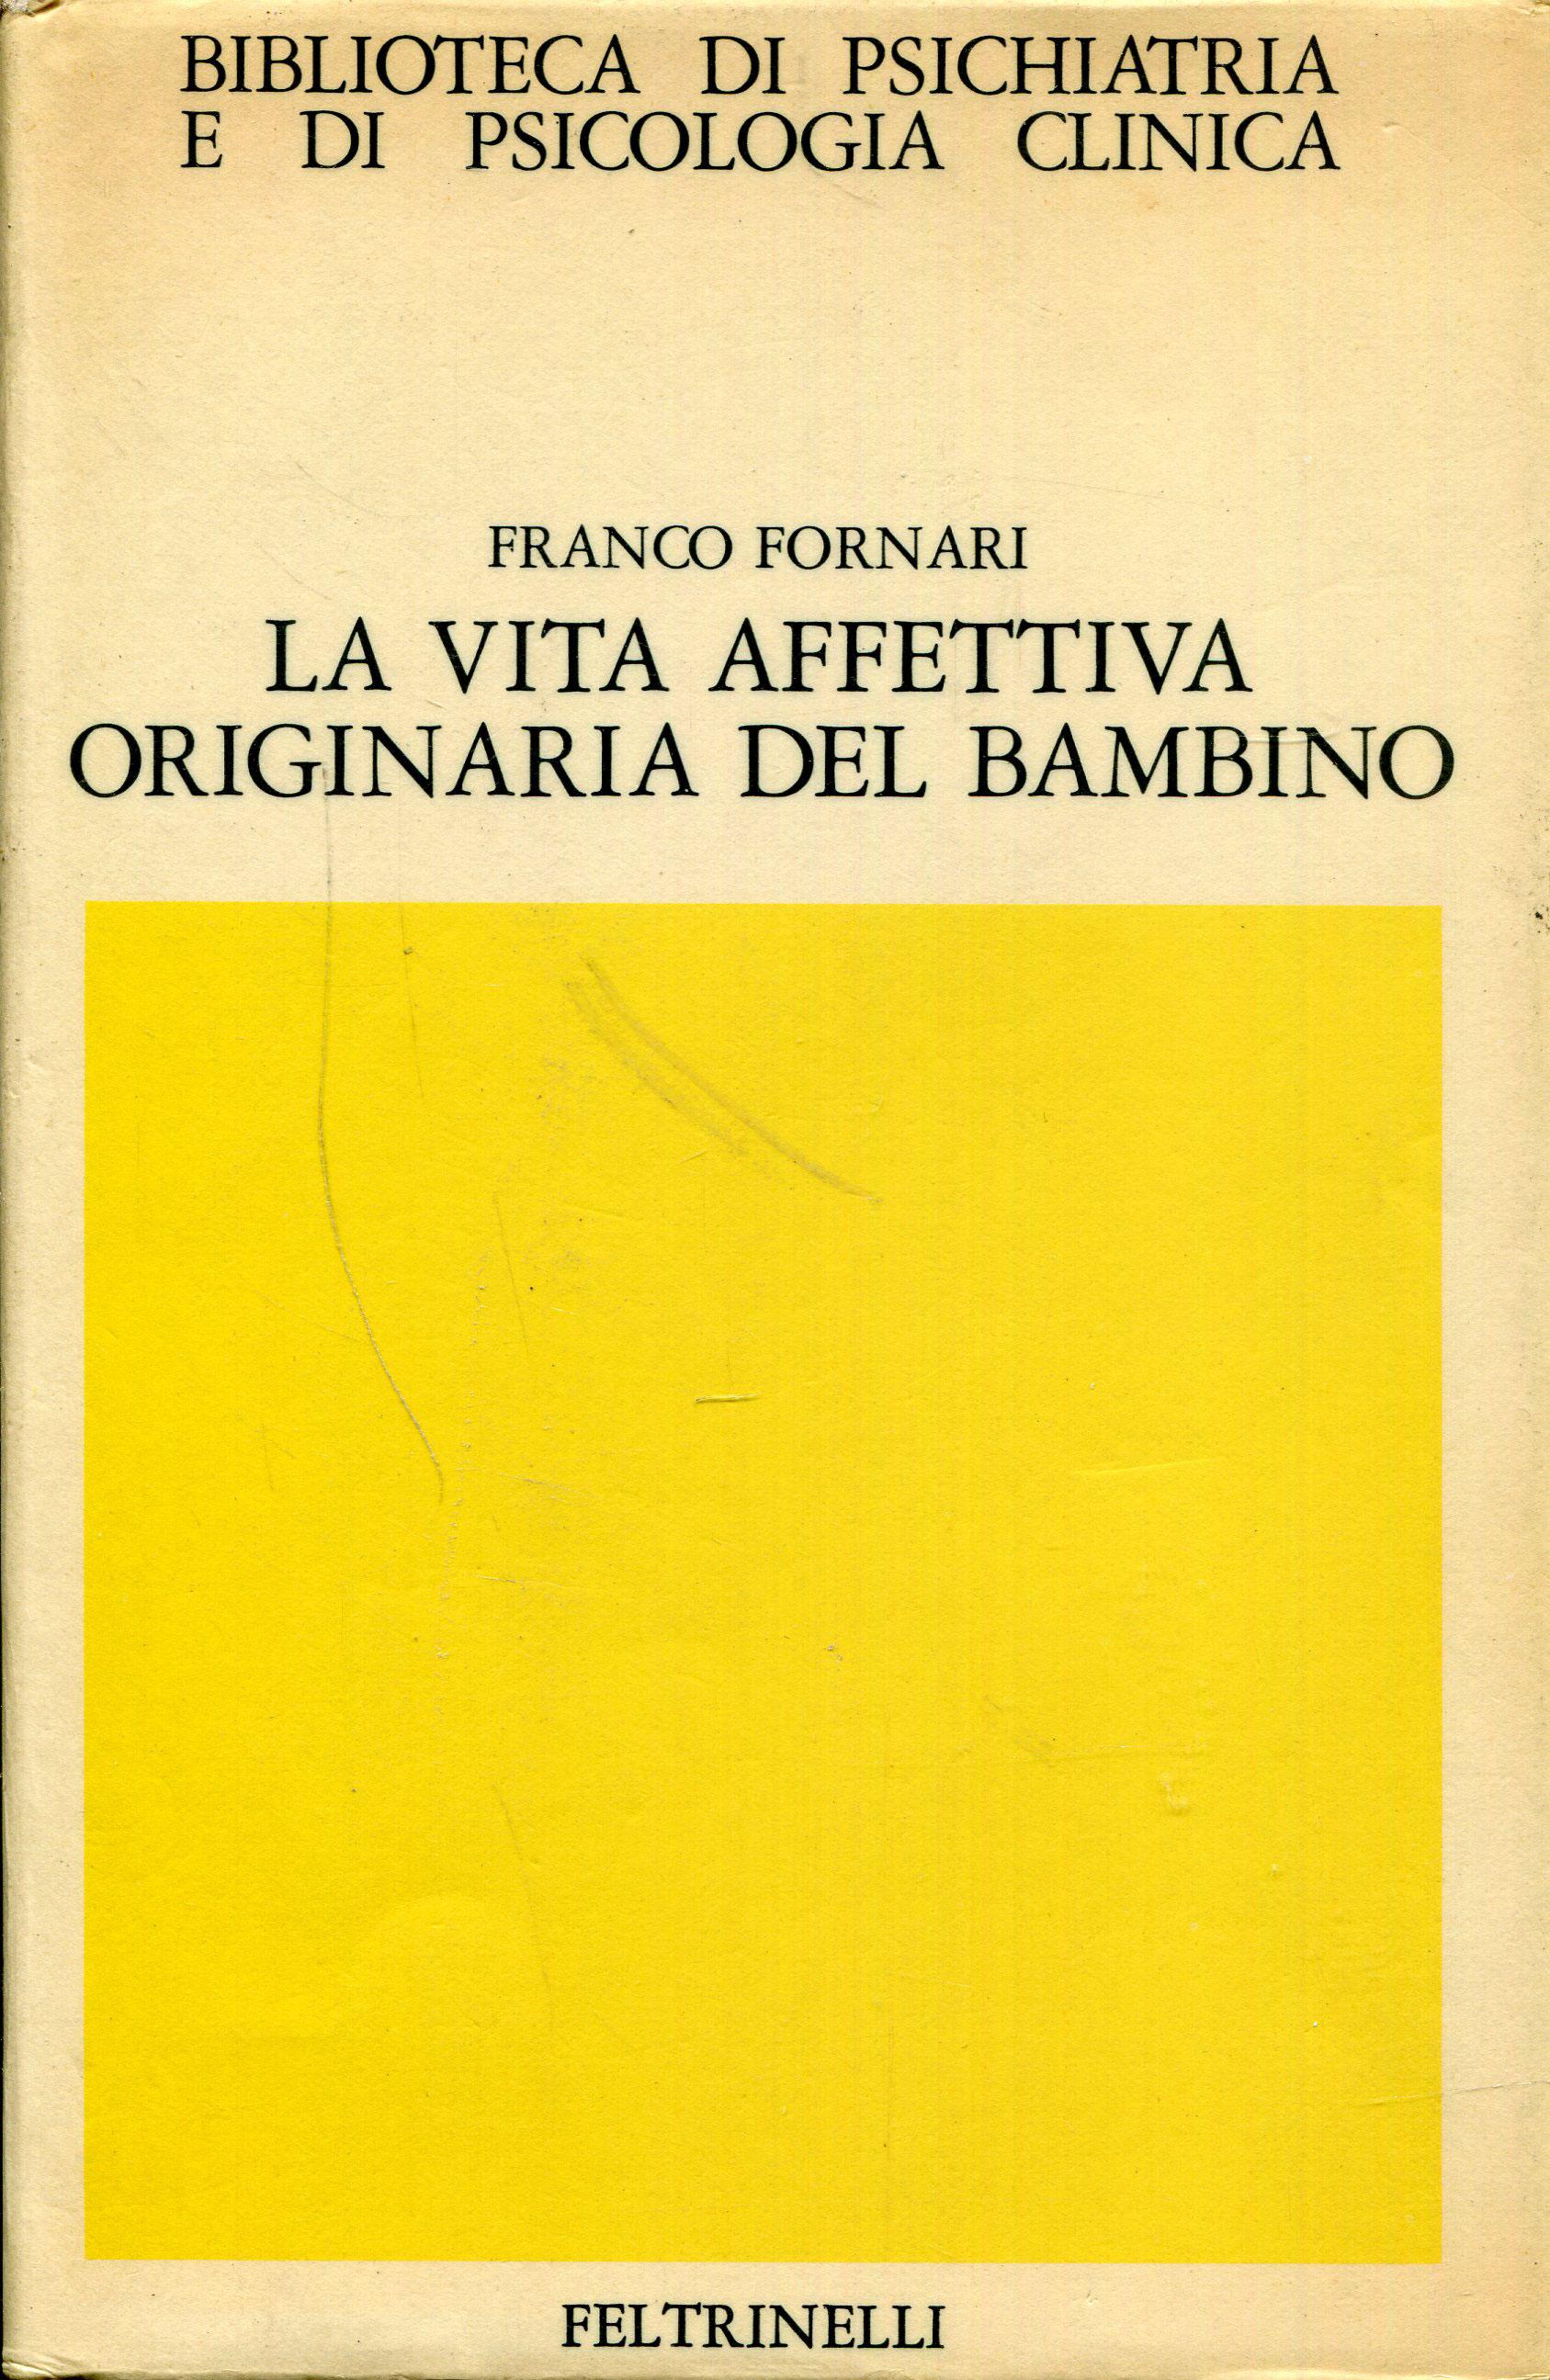 Franco Fornari, La vita originaria affettiva del bambino, 1963